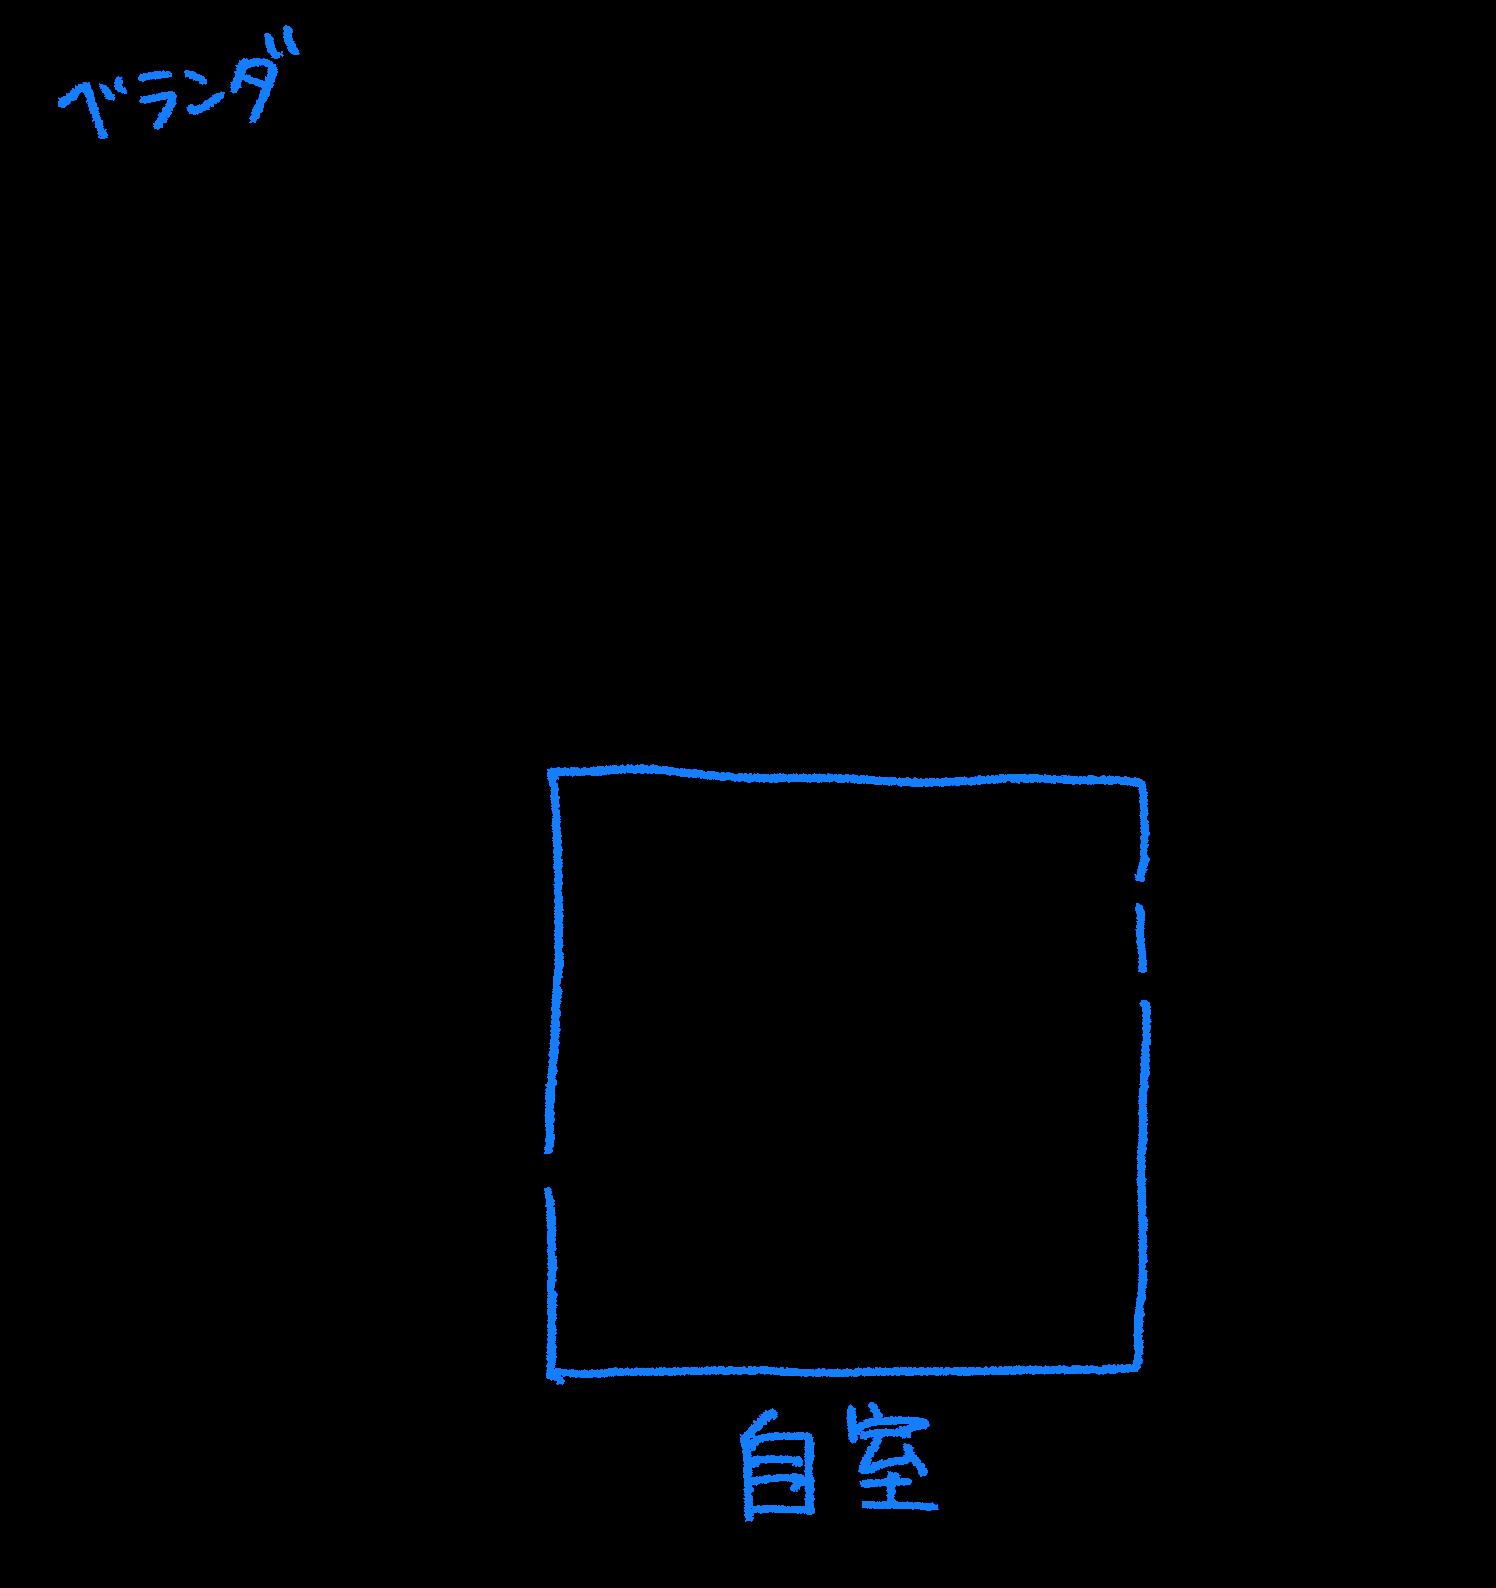 f:id:je1hfu:20200504103003p:plain